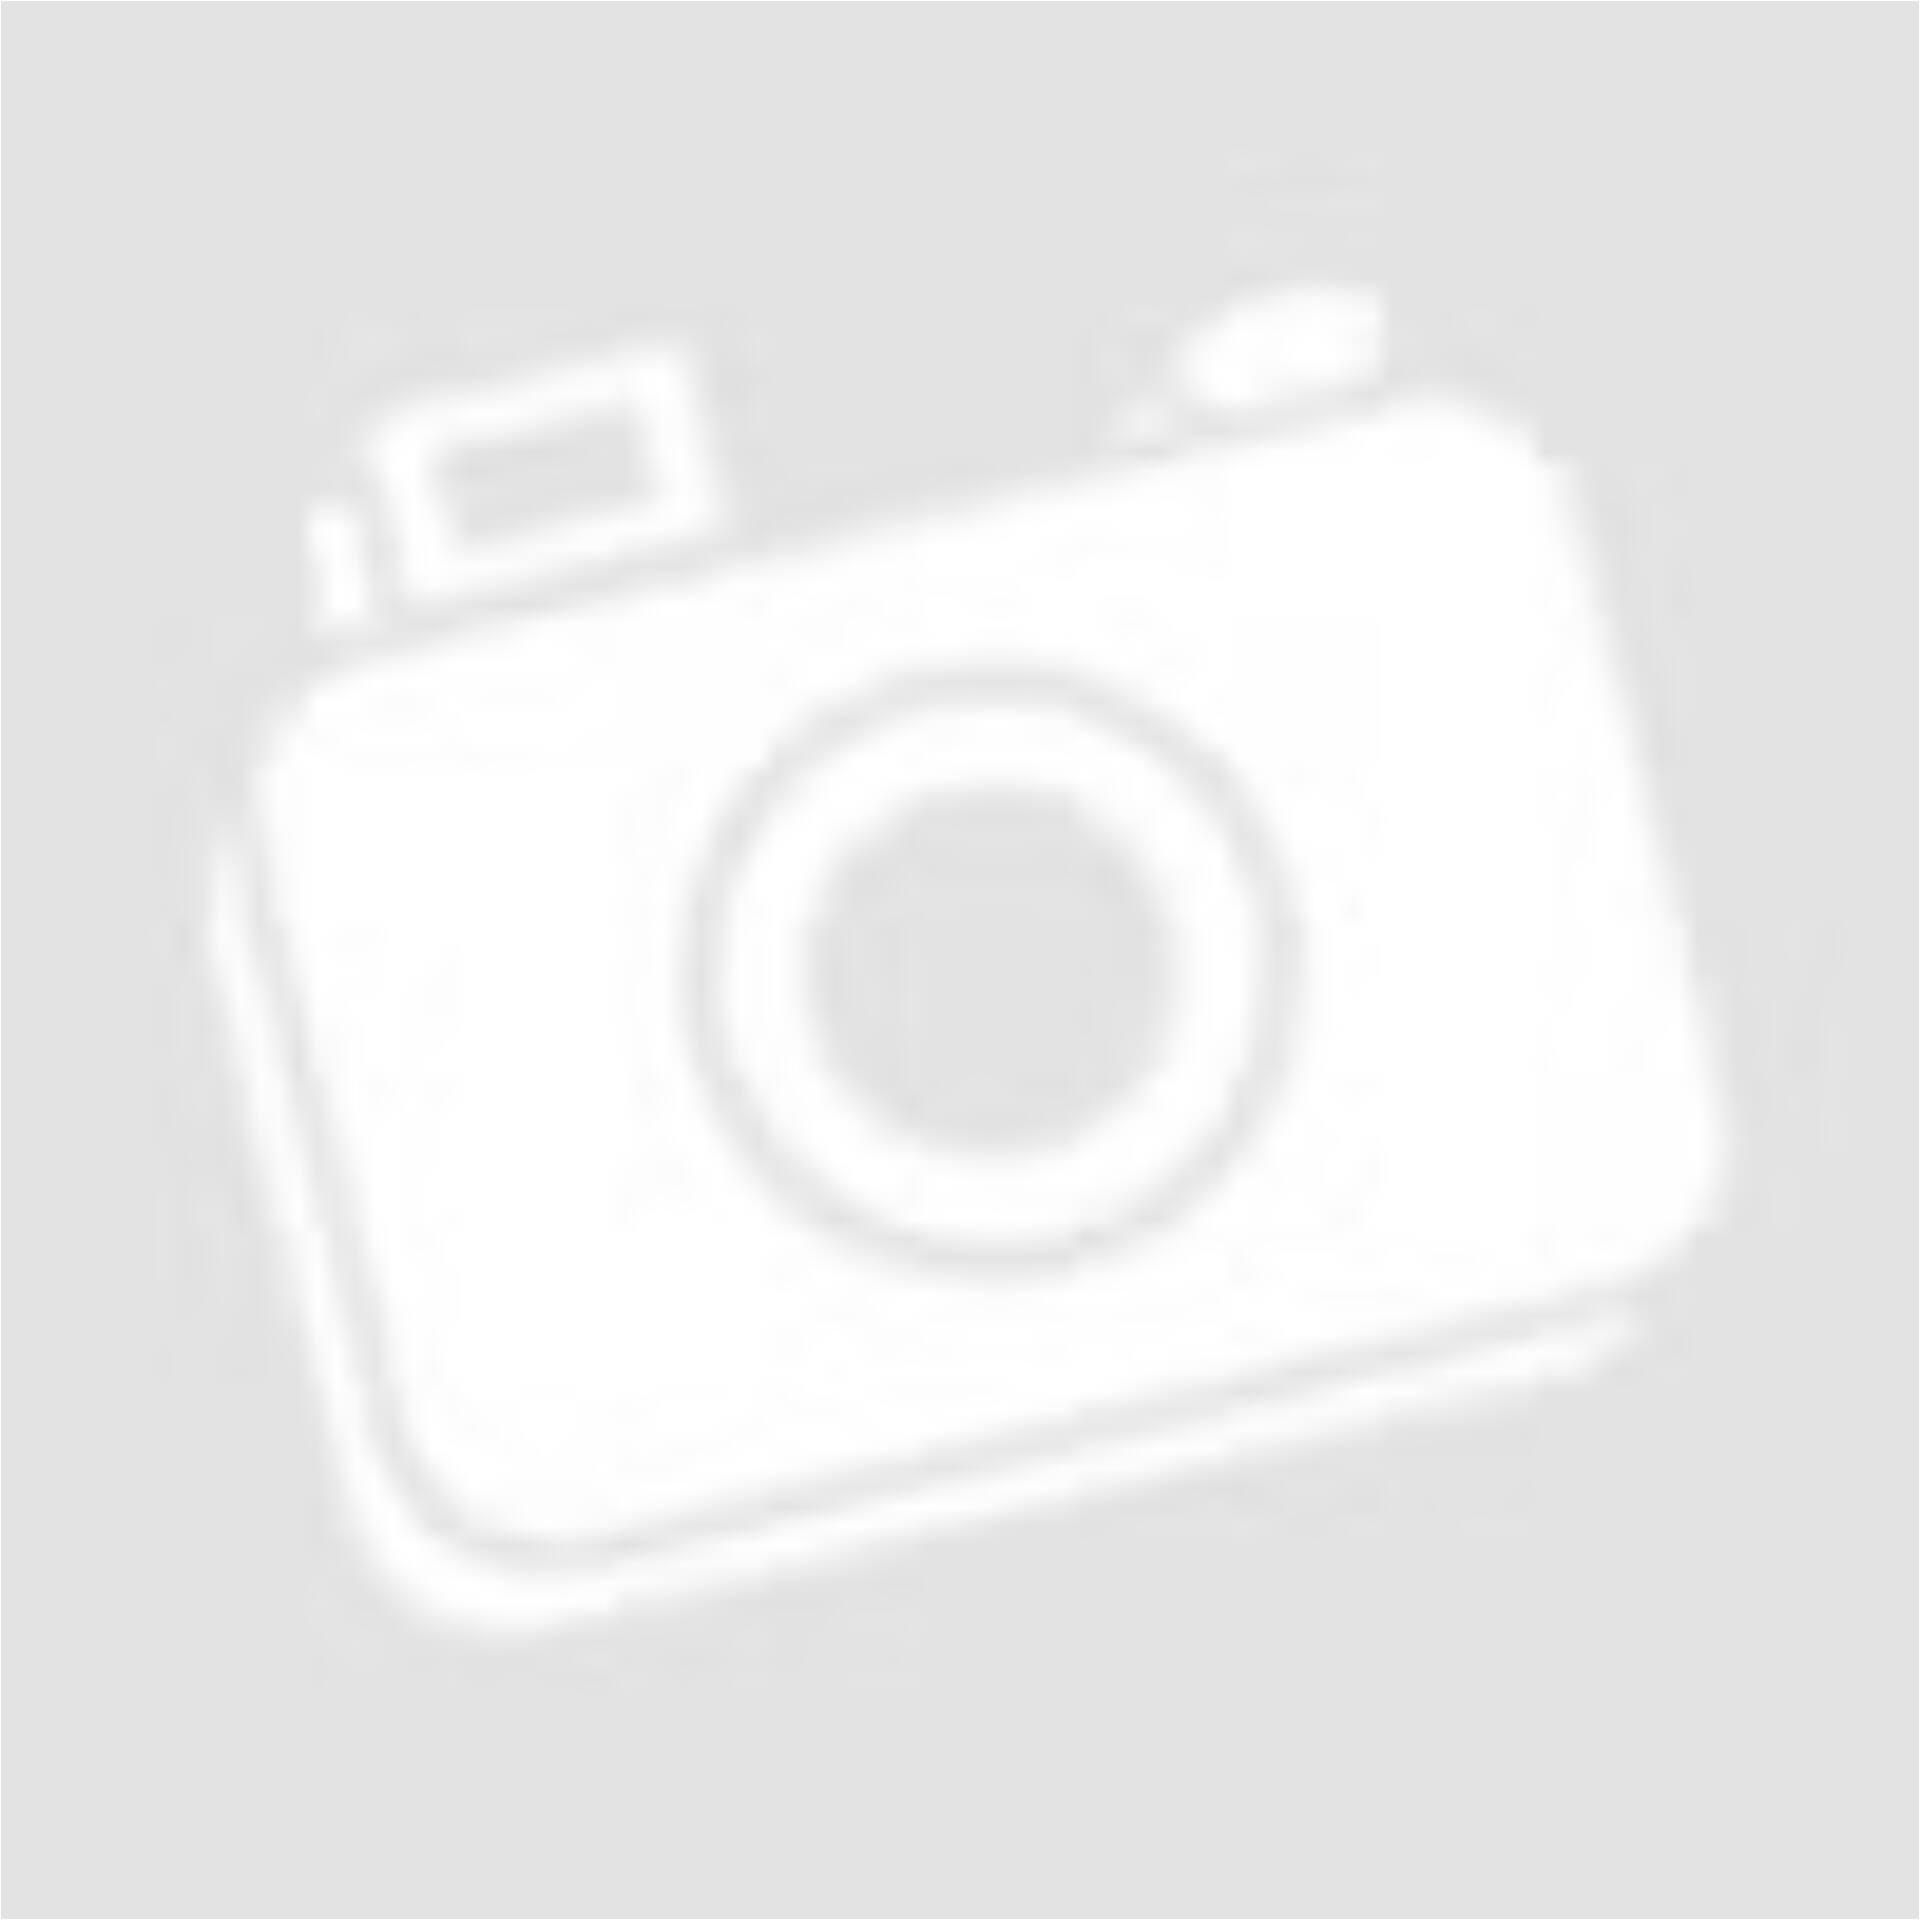 e55024bbb3 H&M fekete ruha (Méret: M) - Alkalmi ruha, kosztüm - Öltözz ki ...